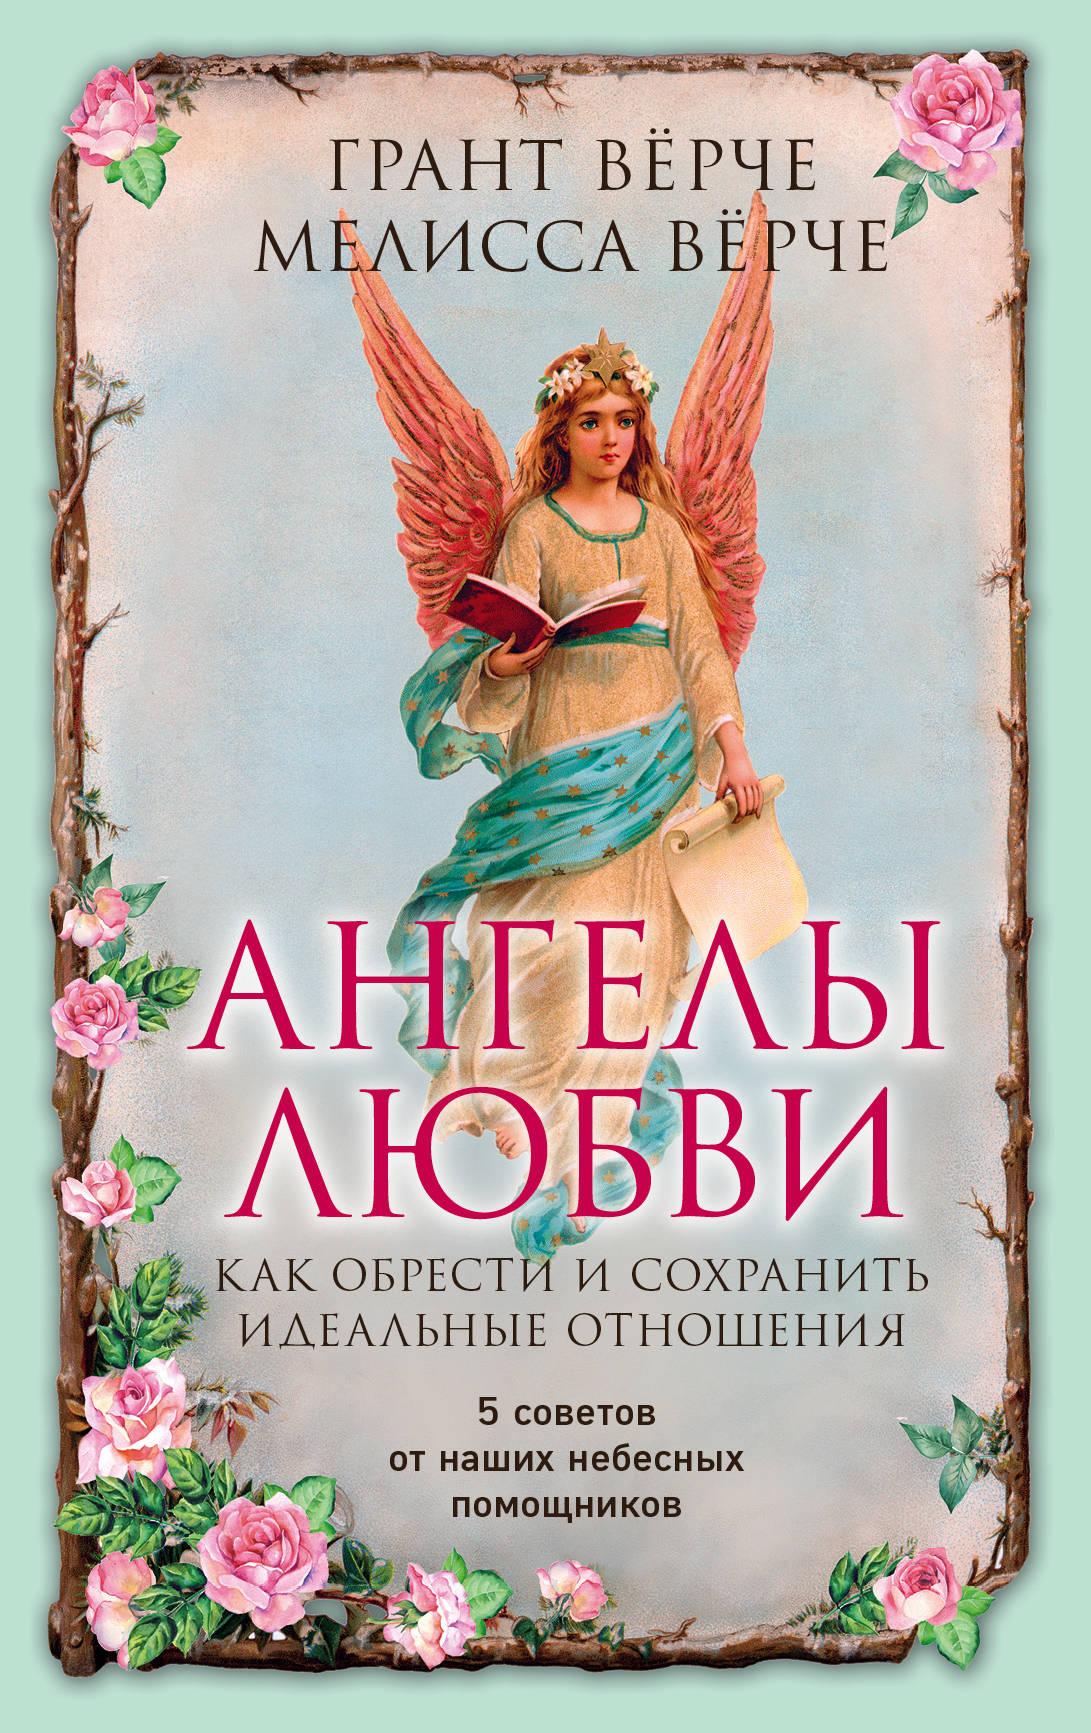 Ангелы любви. Как обрести и сохранить идеальные отношения. Грант Вёрче, Мелисса Вёрче